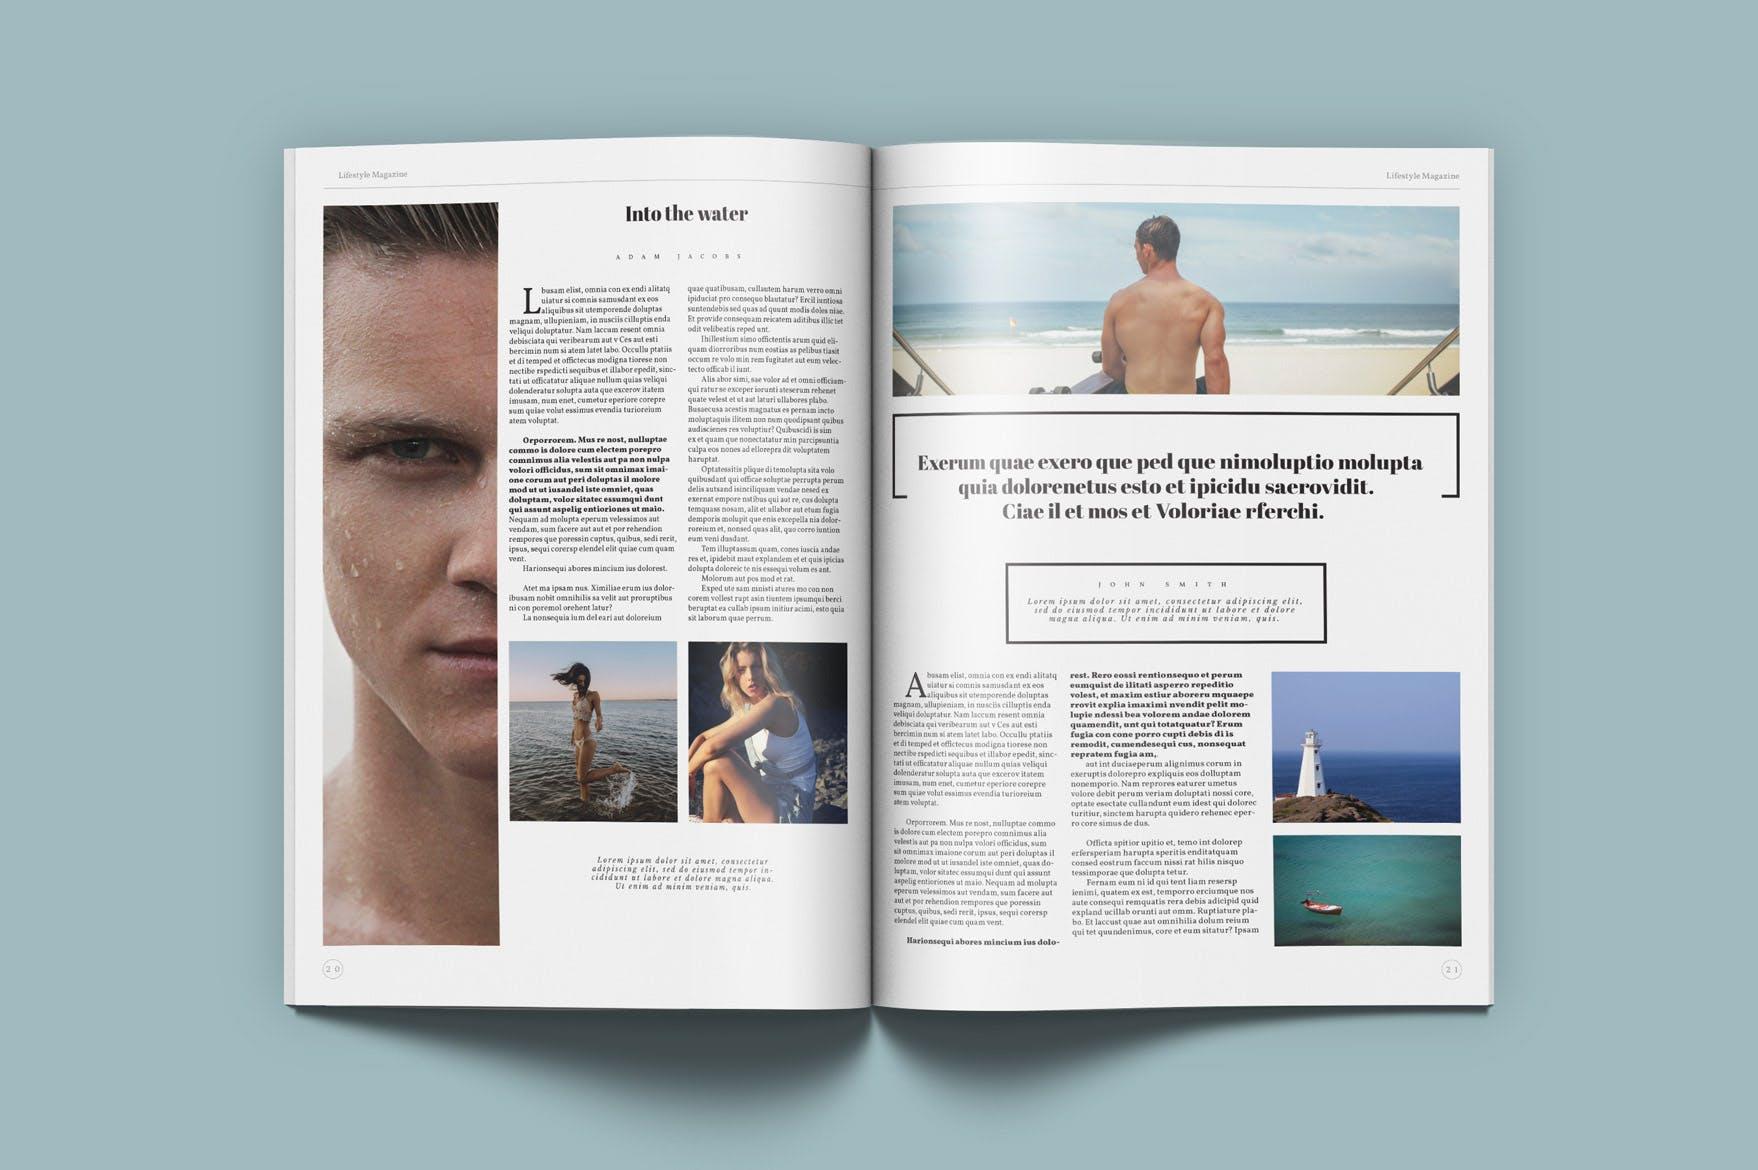 生活方式通用画册模板企业产品展示画册素材下载Lifestyle Universal Magazine